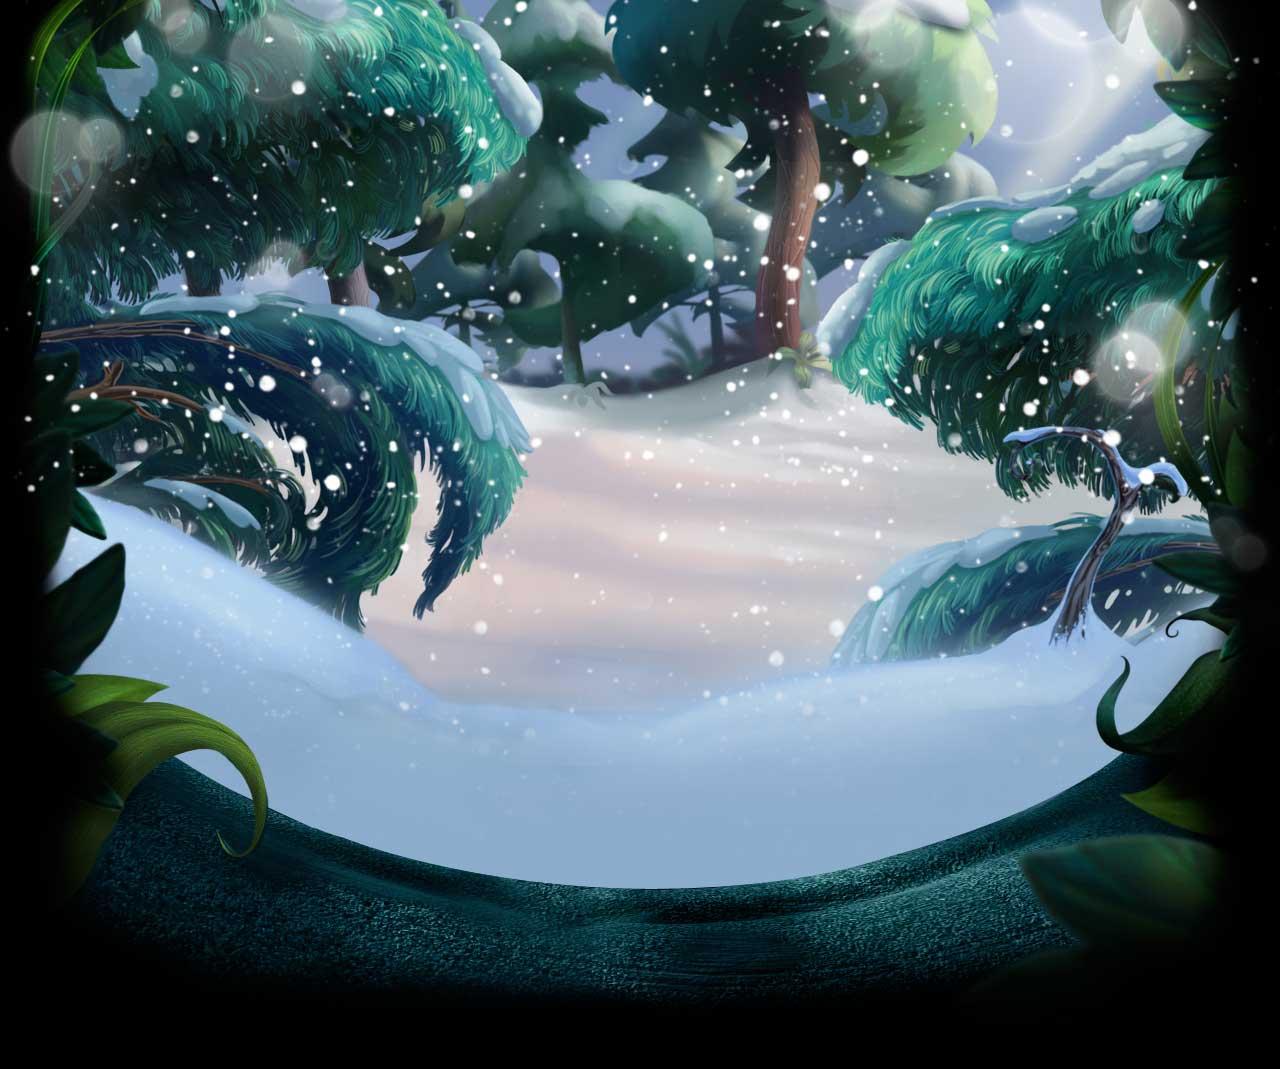 tinker bell film disney princess u0026 fairies wiki fandom